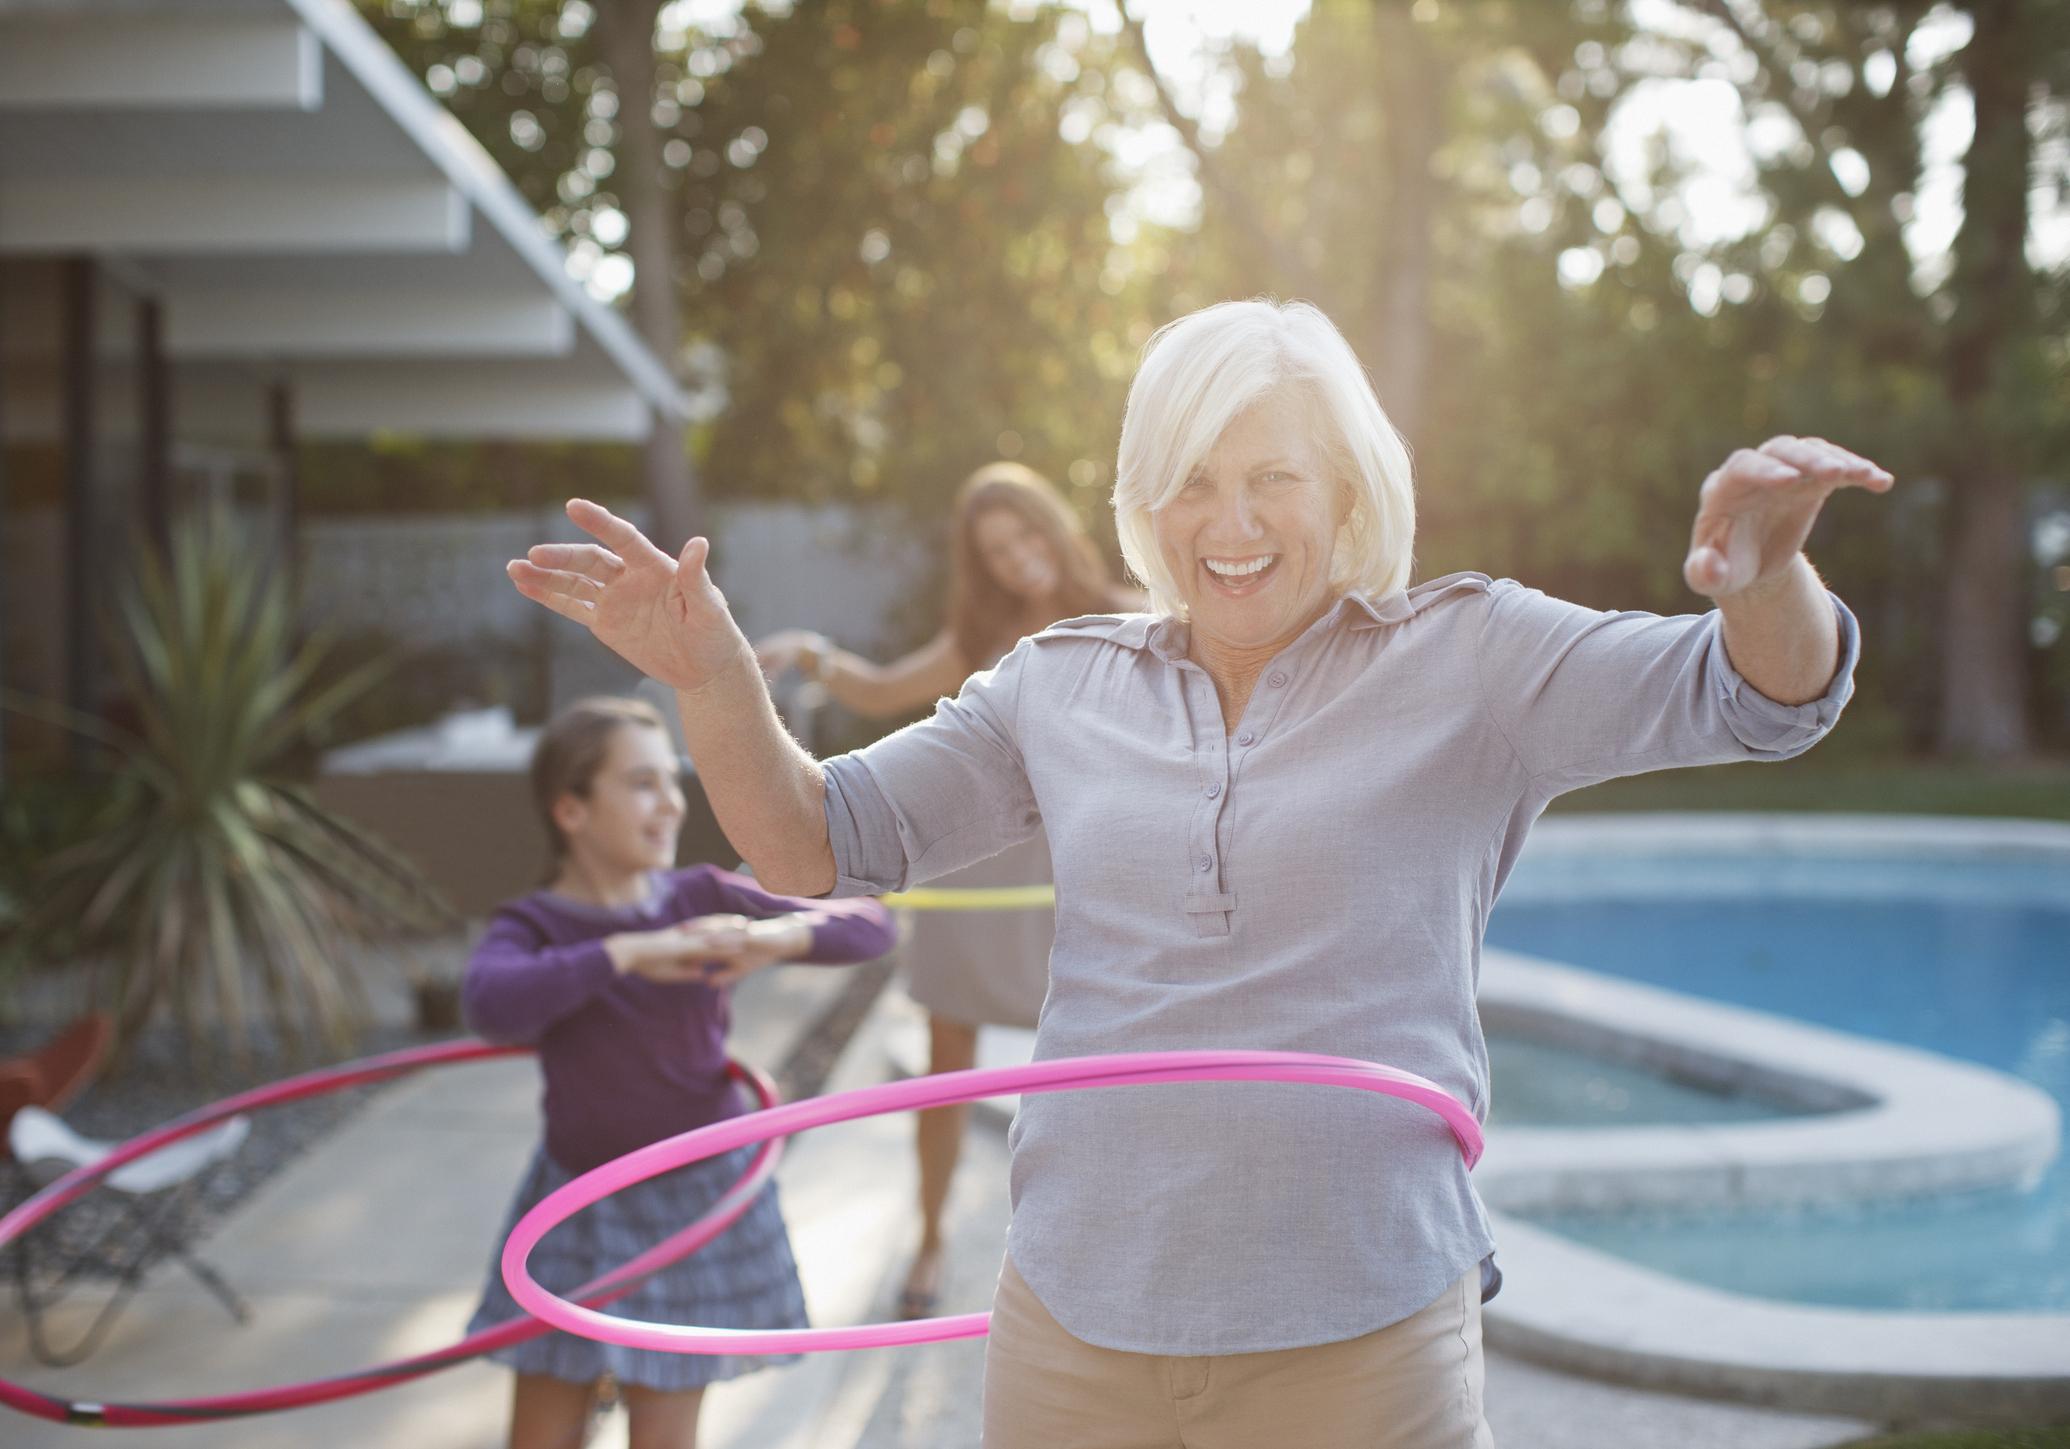 Older woman hoola-hooping with grandchildren